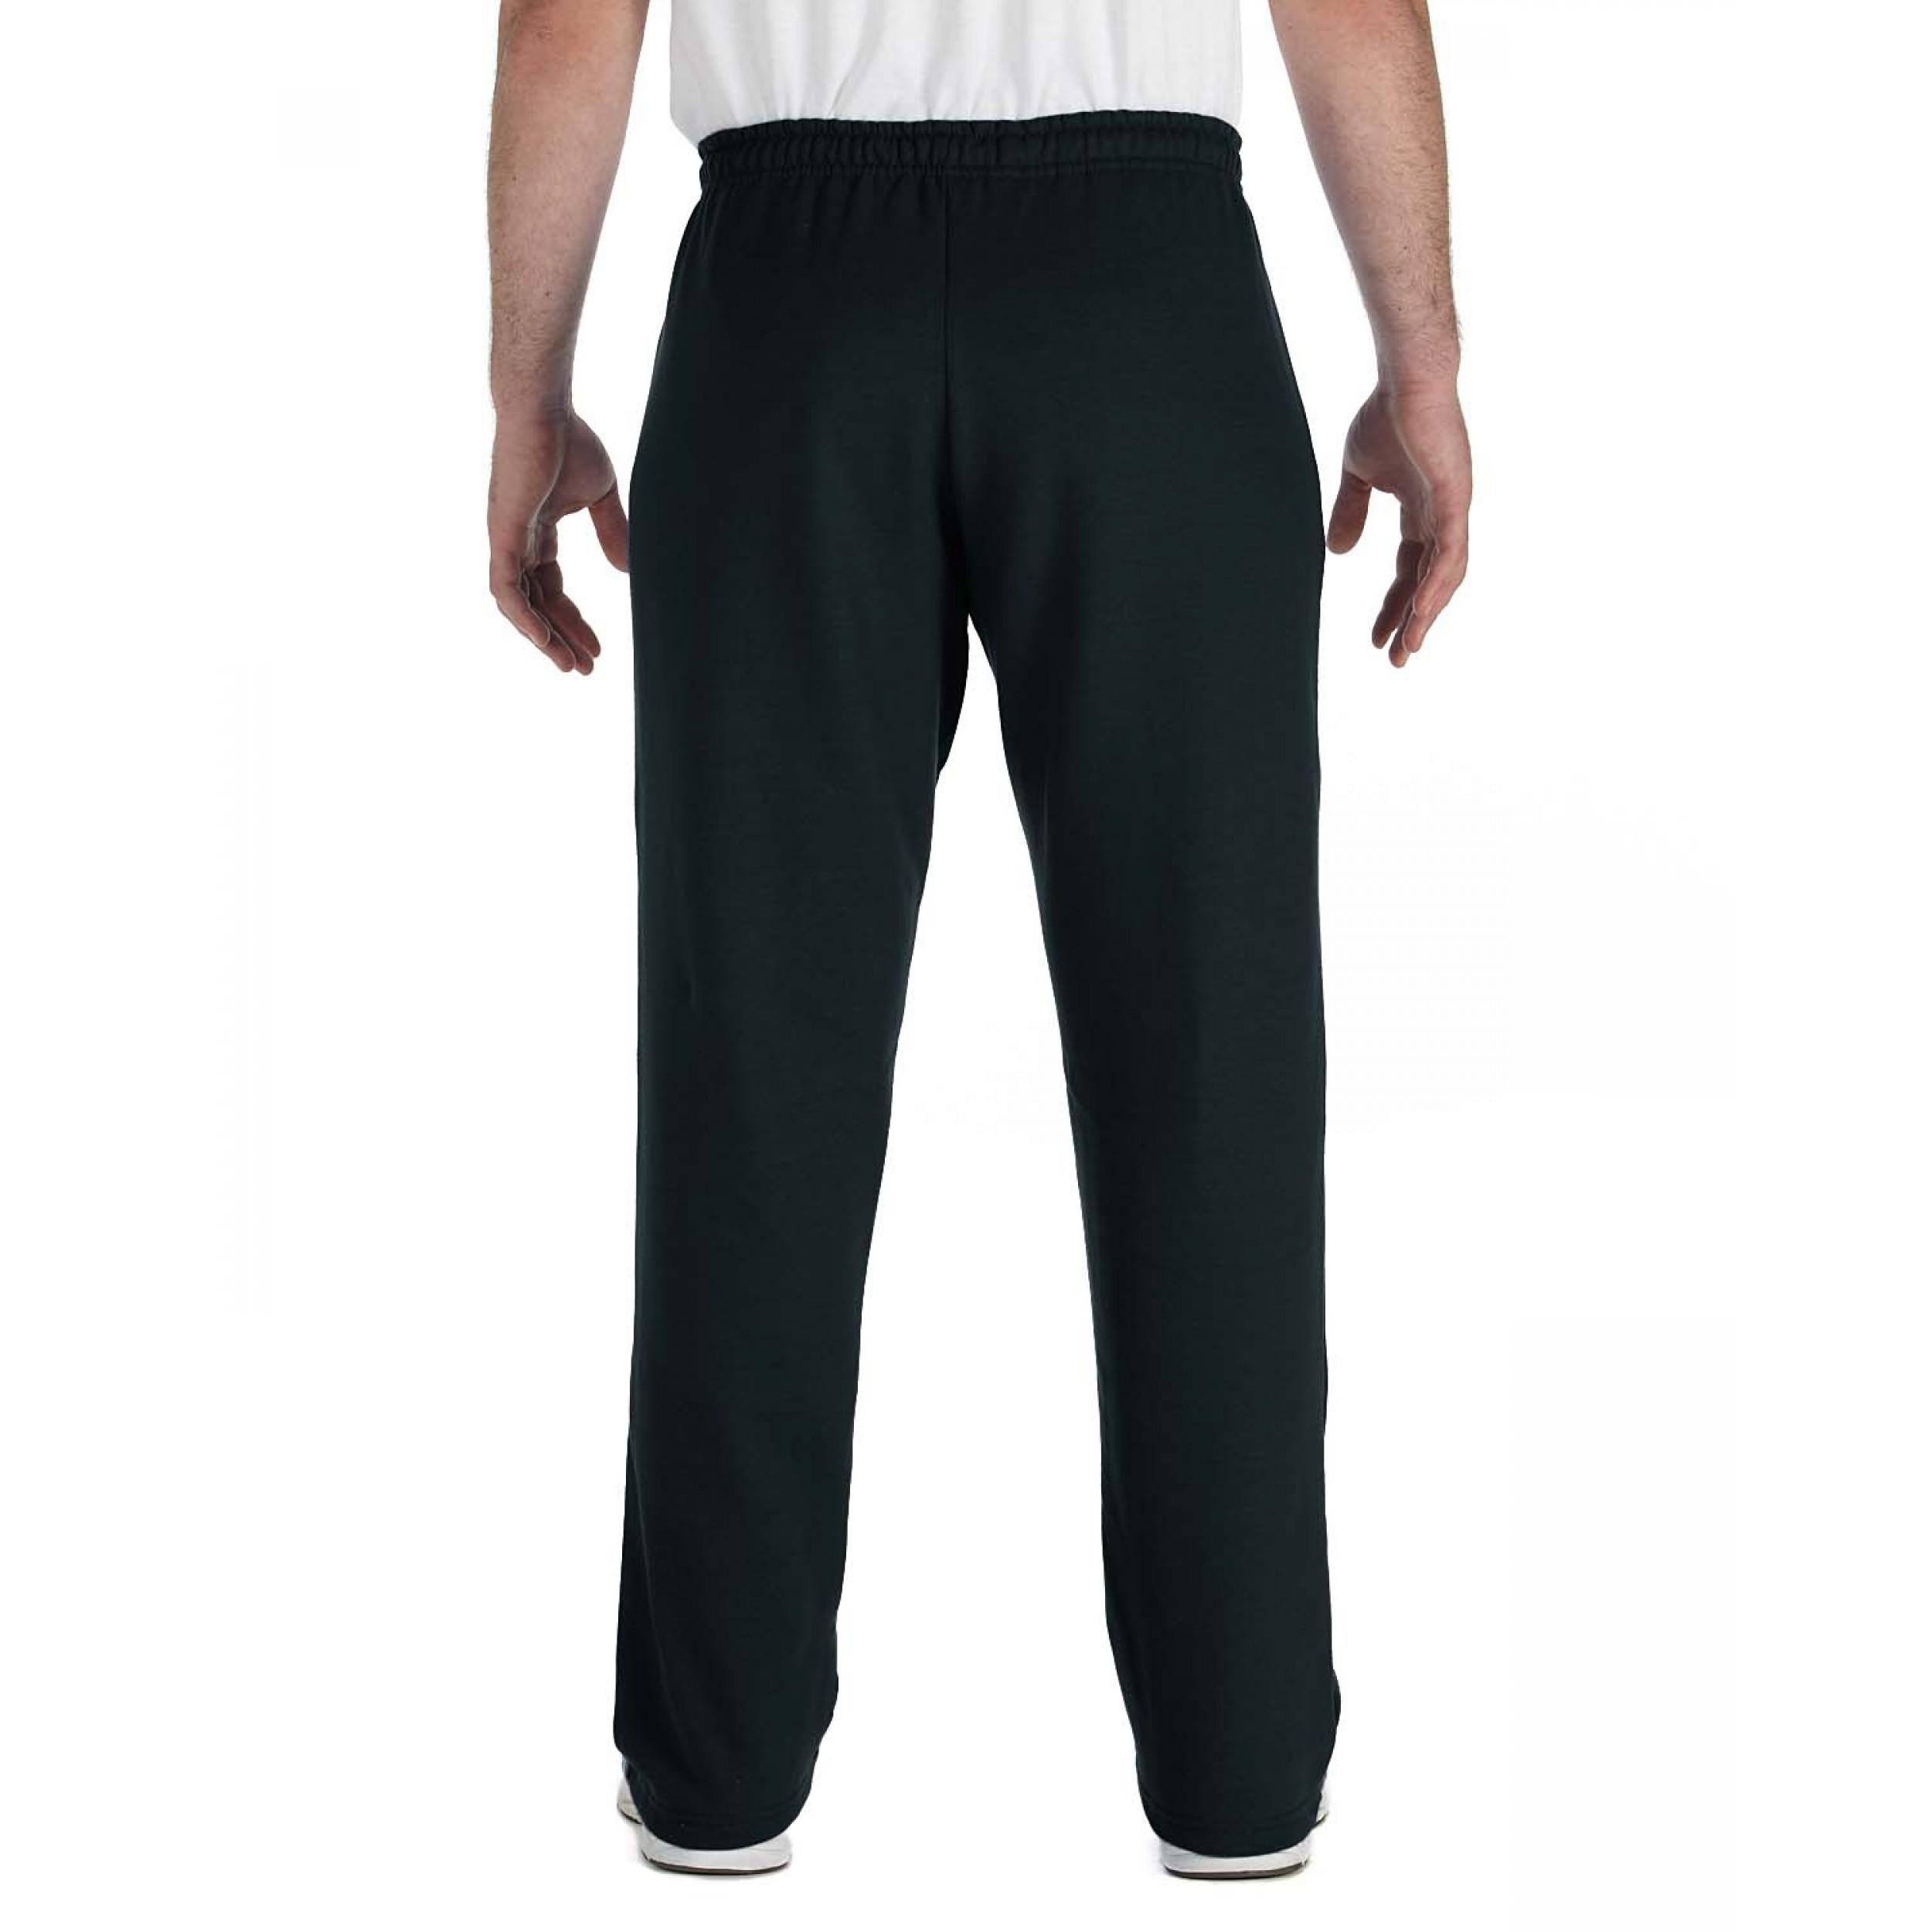 Flees Pants G184  BLACK